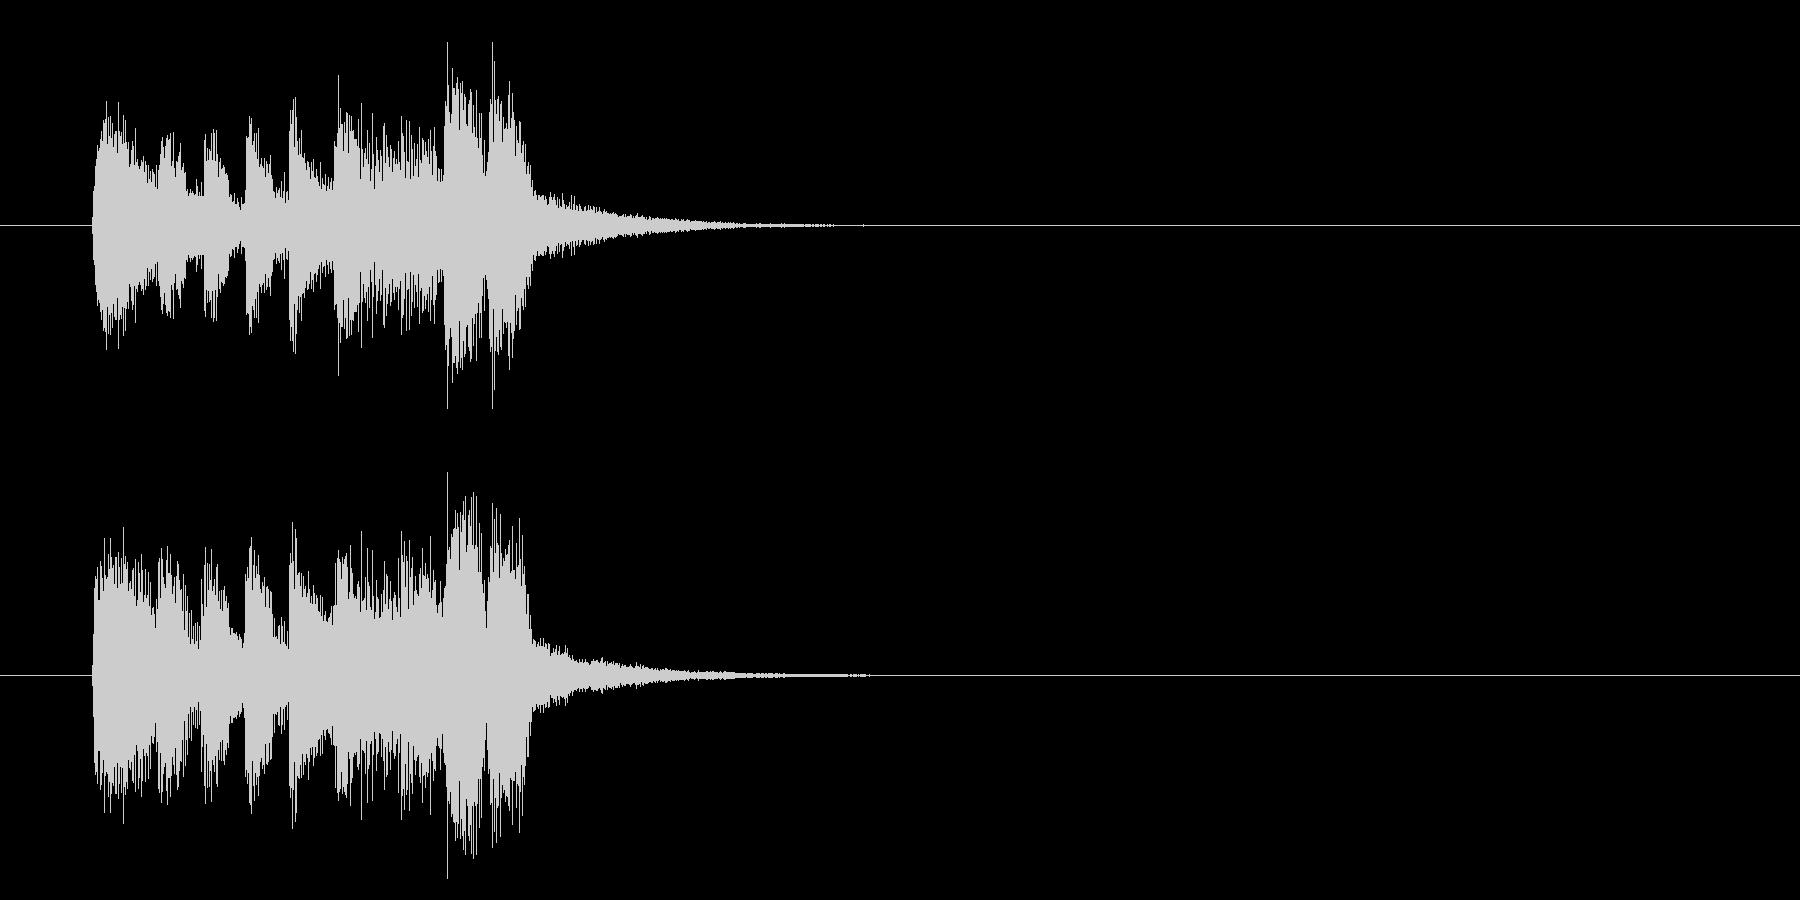 ジングル(バラエティータイプ)の未再生の波形